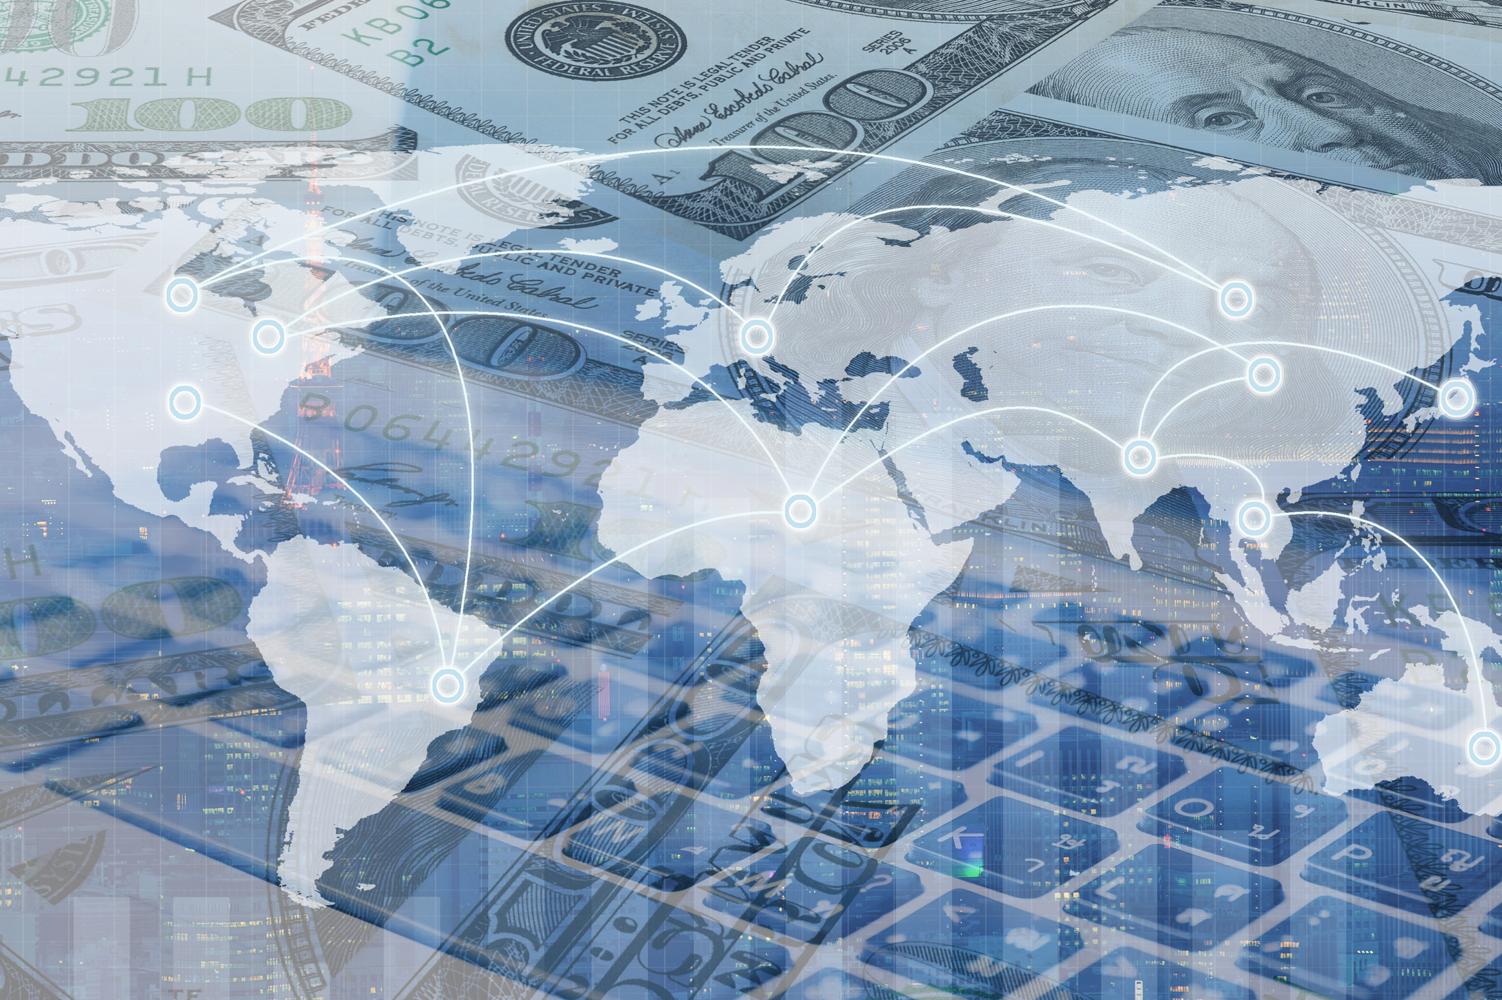 Aplicații de tranzacționare în criptocurrency zondron.ro